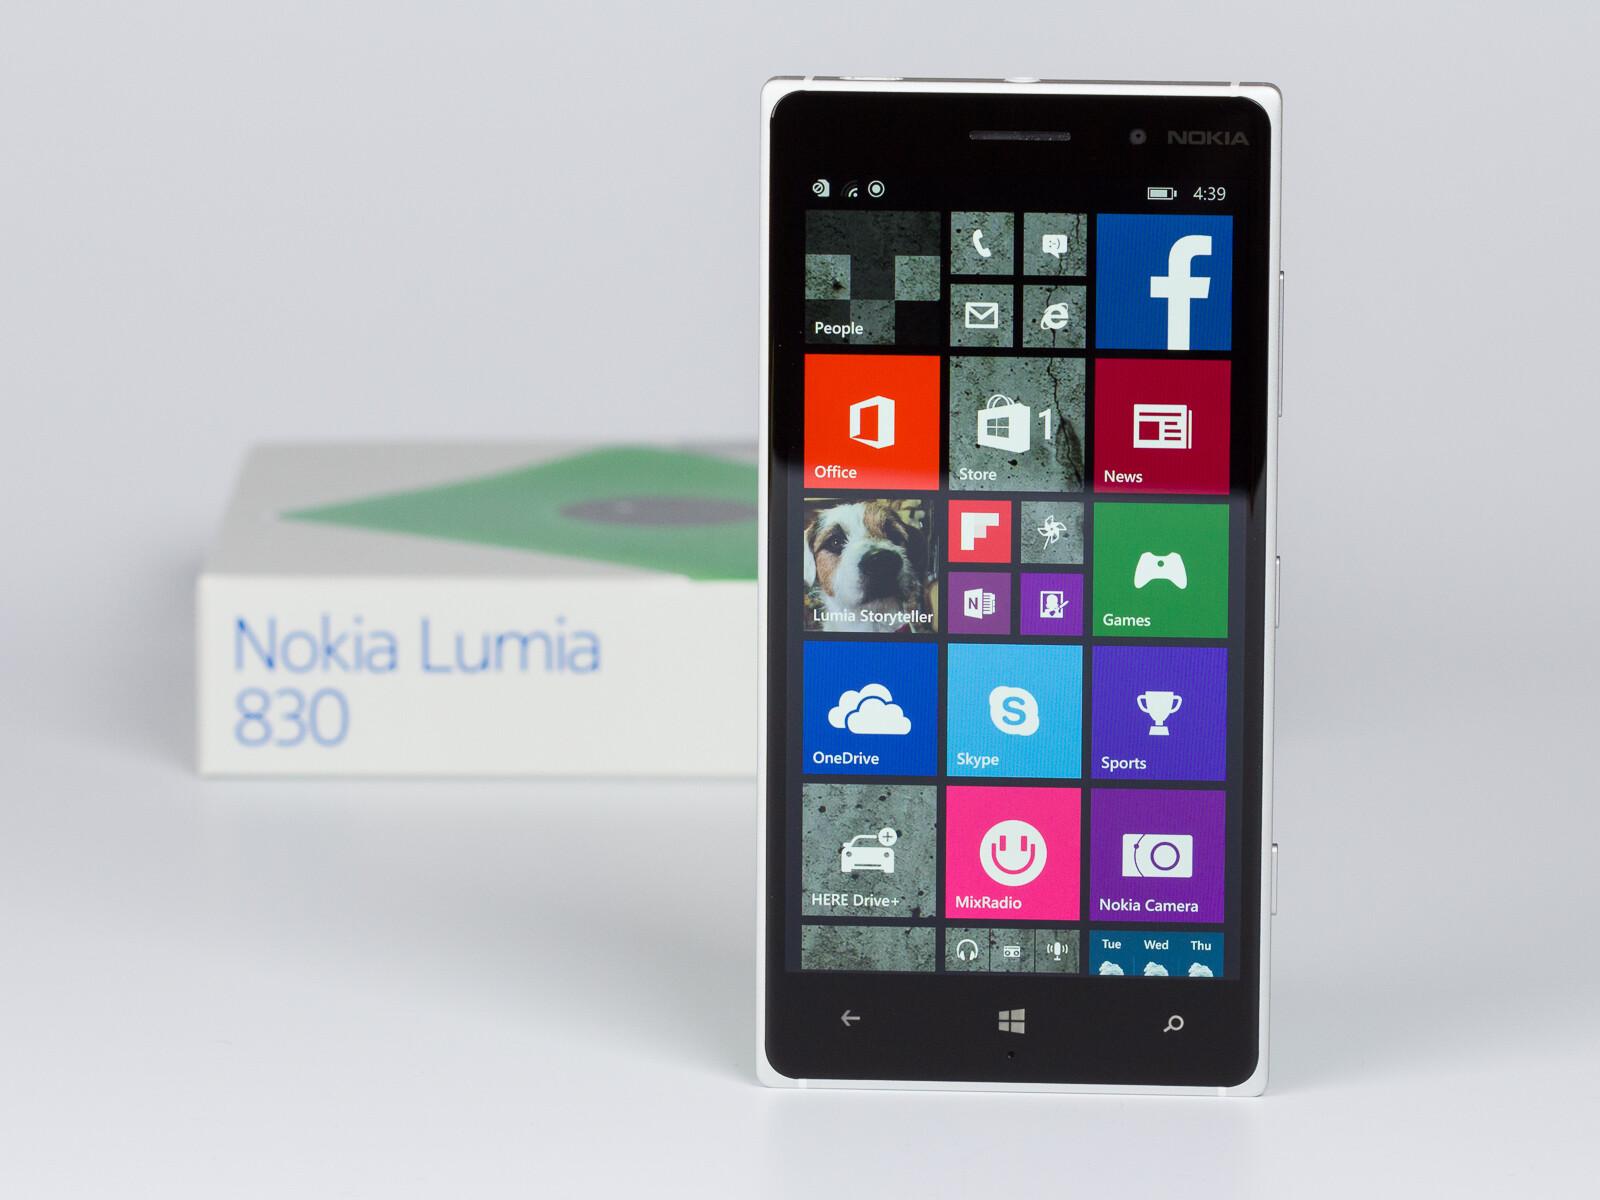 Nokia lumia 830 t mobile - Nokia Lumia 830 T Mobile 6